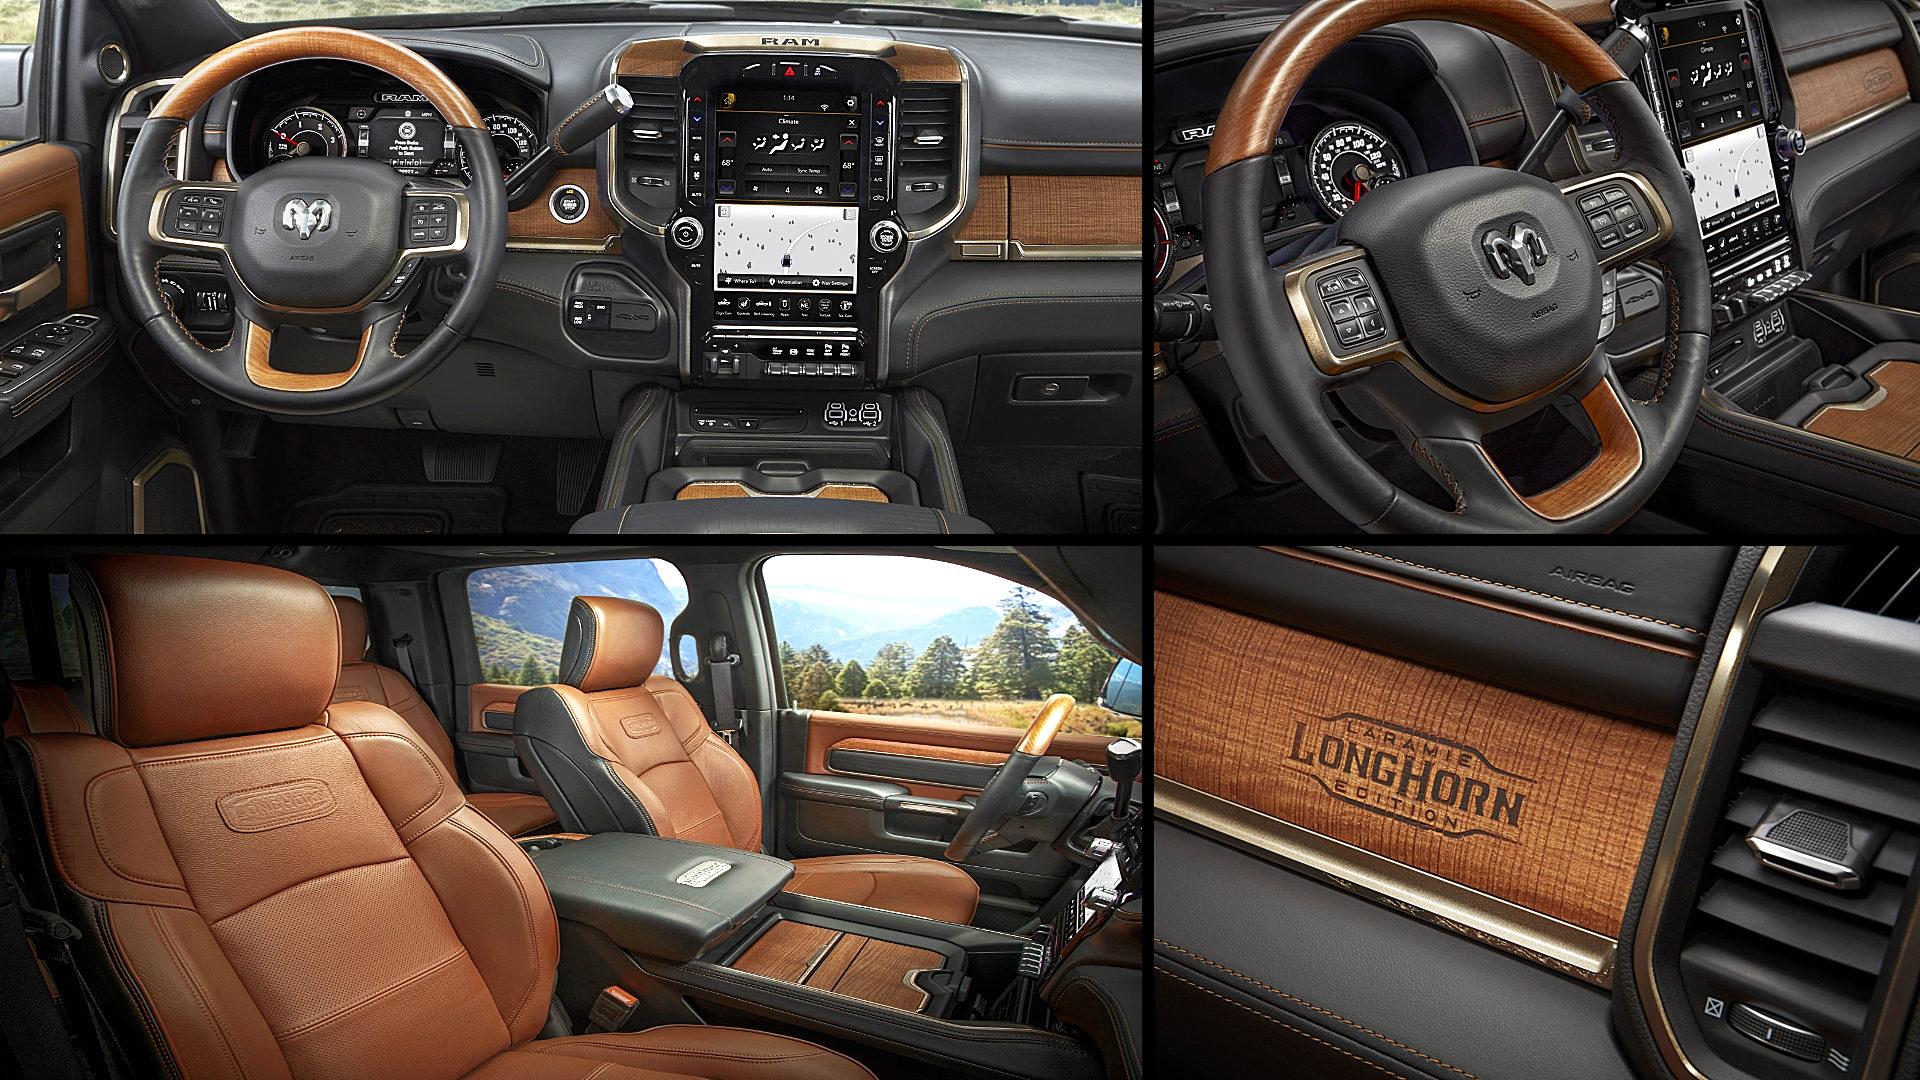 2020 Dodge Ram 2500 Laramie Longhorn Crew Cab Interior